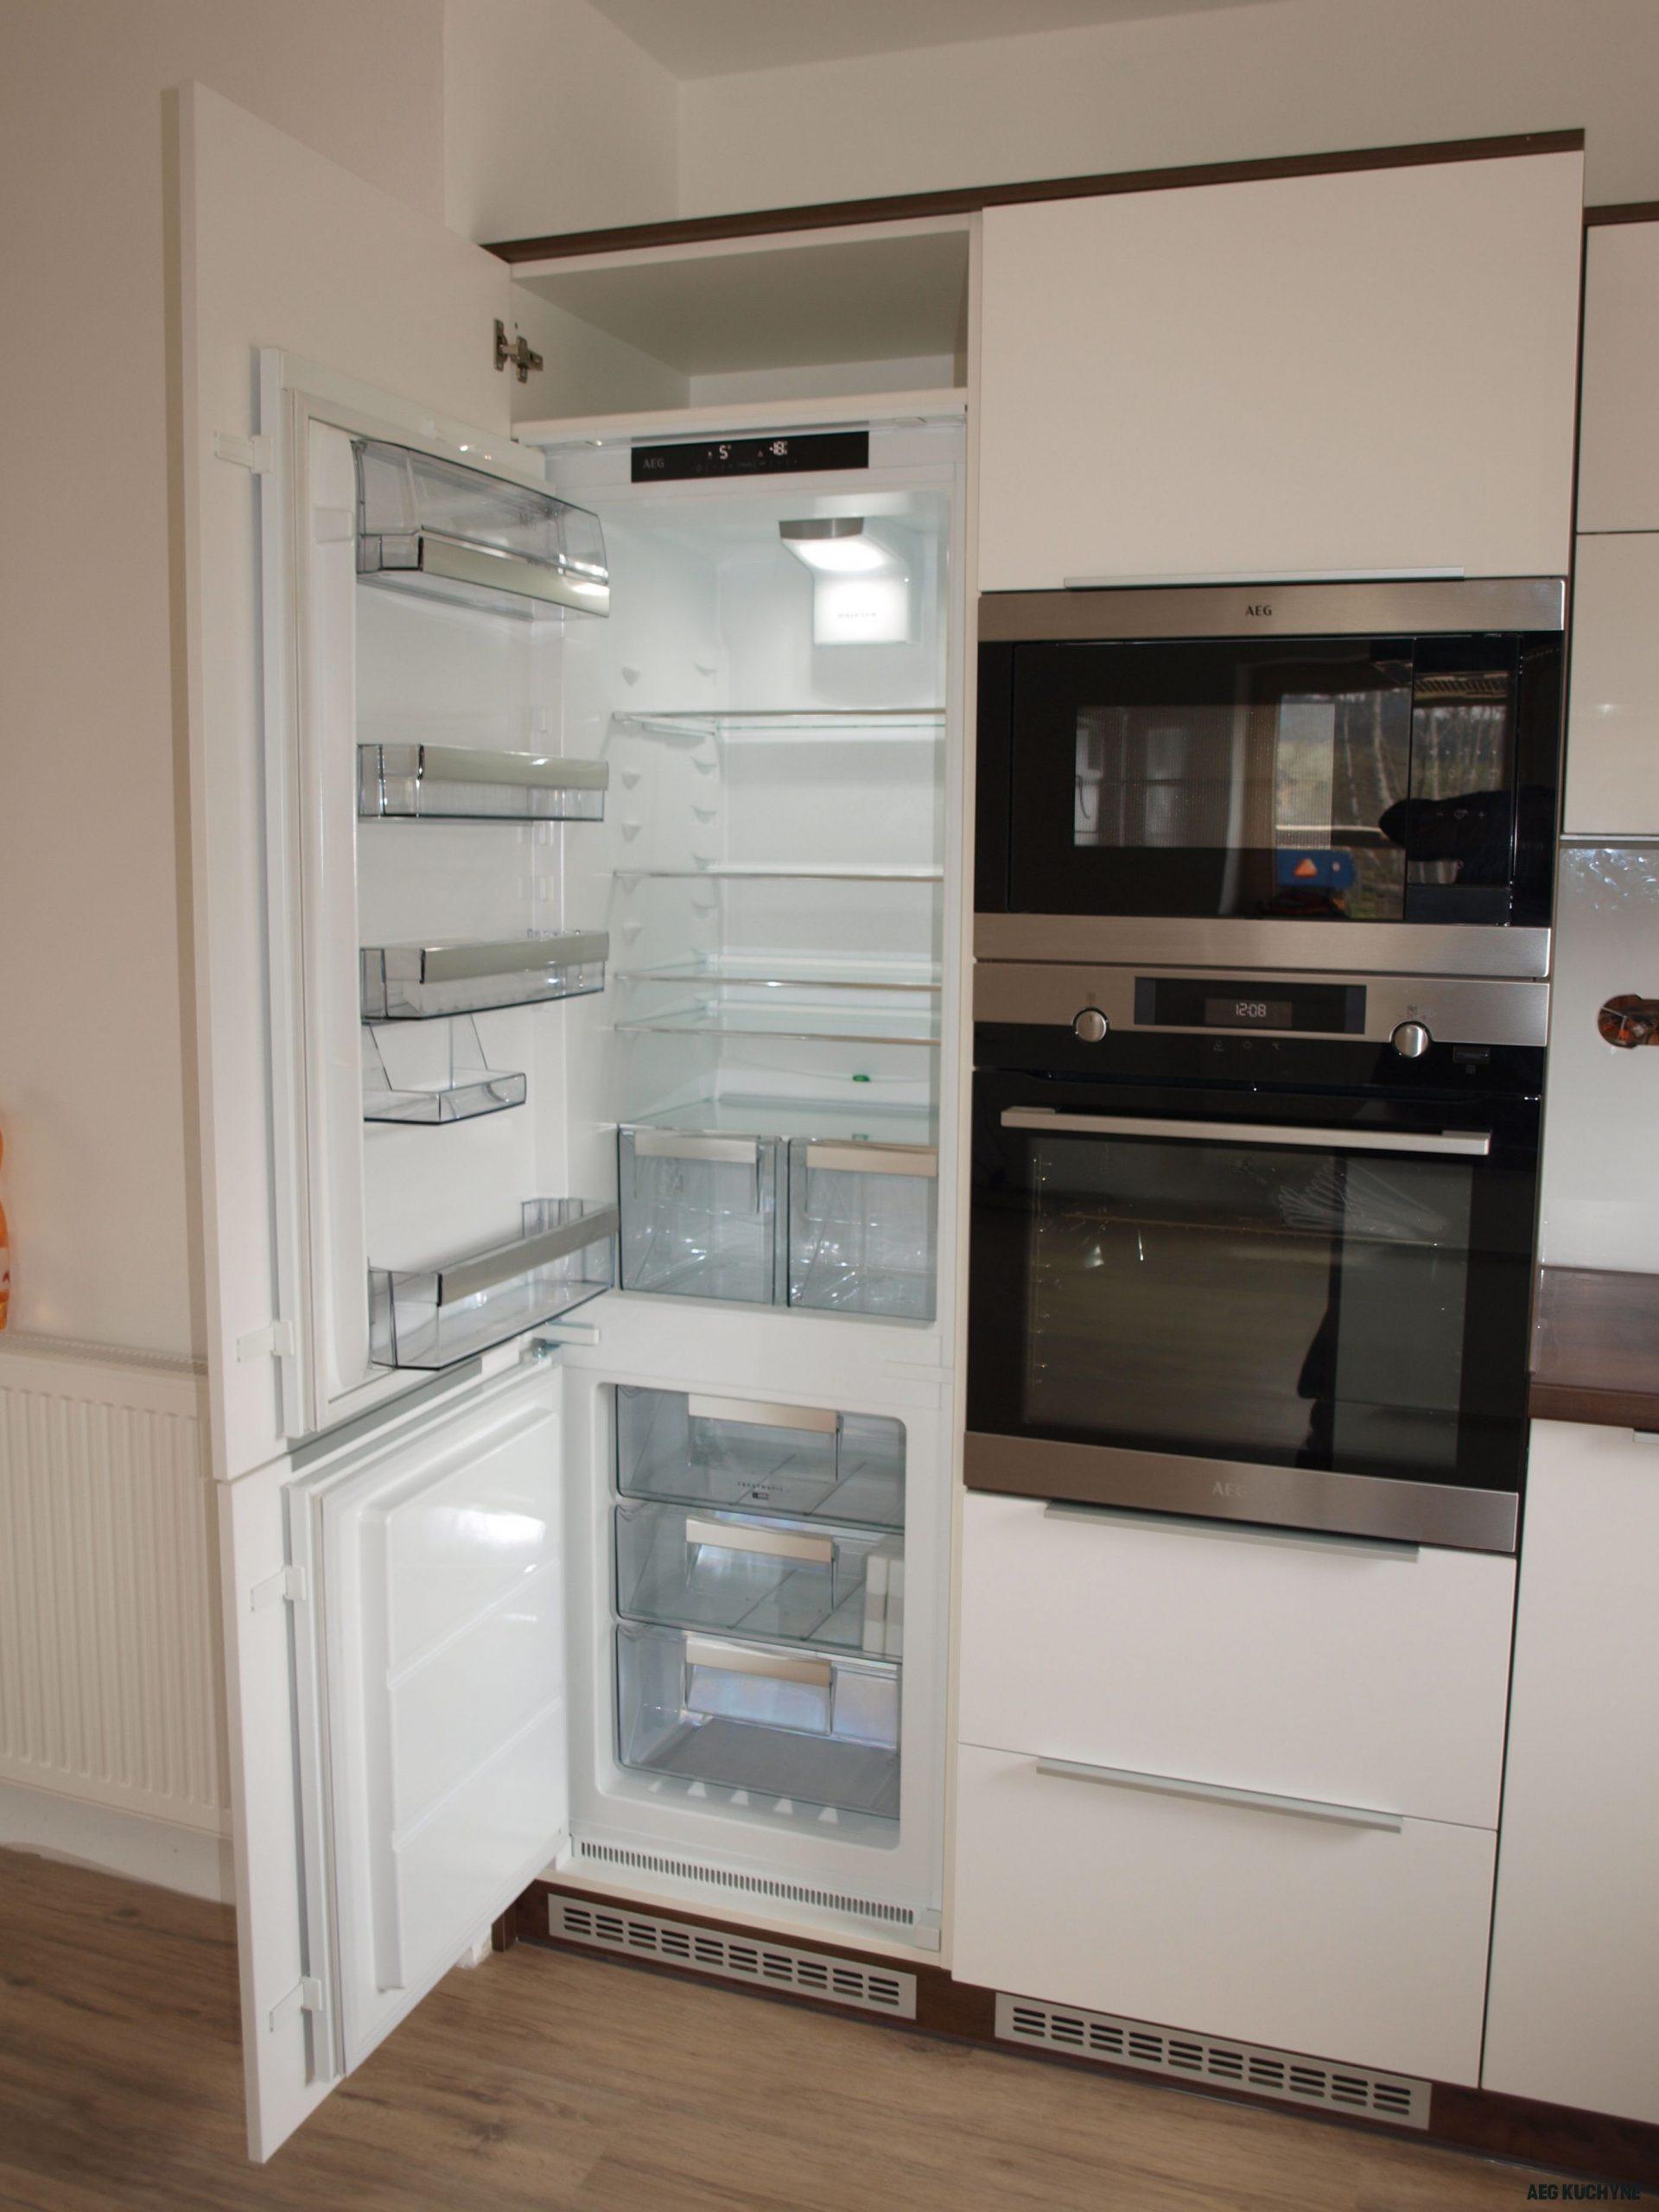 Kuchyně- spotřebiče  Wall oven, Kitchen appliances, French door